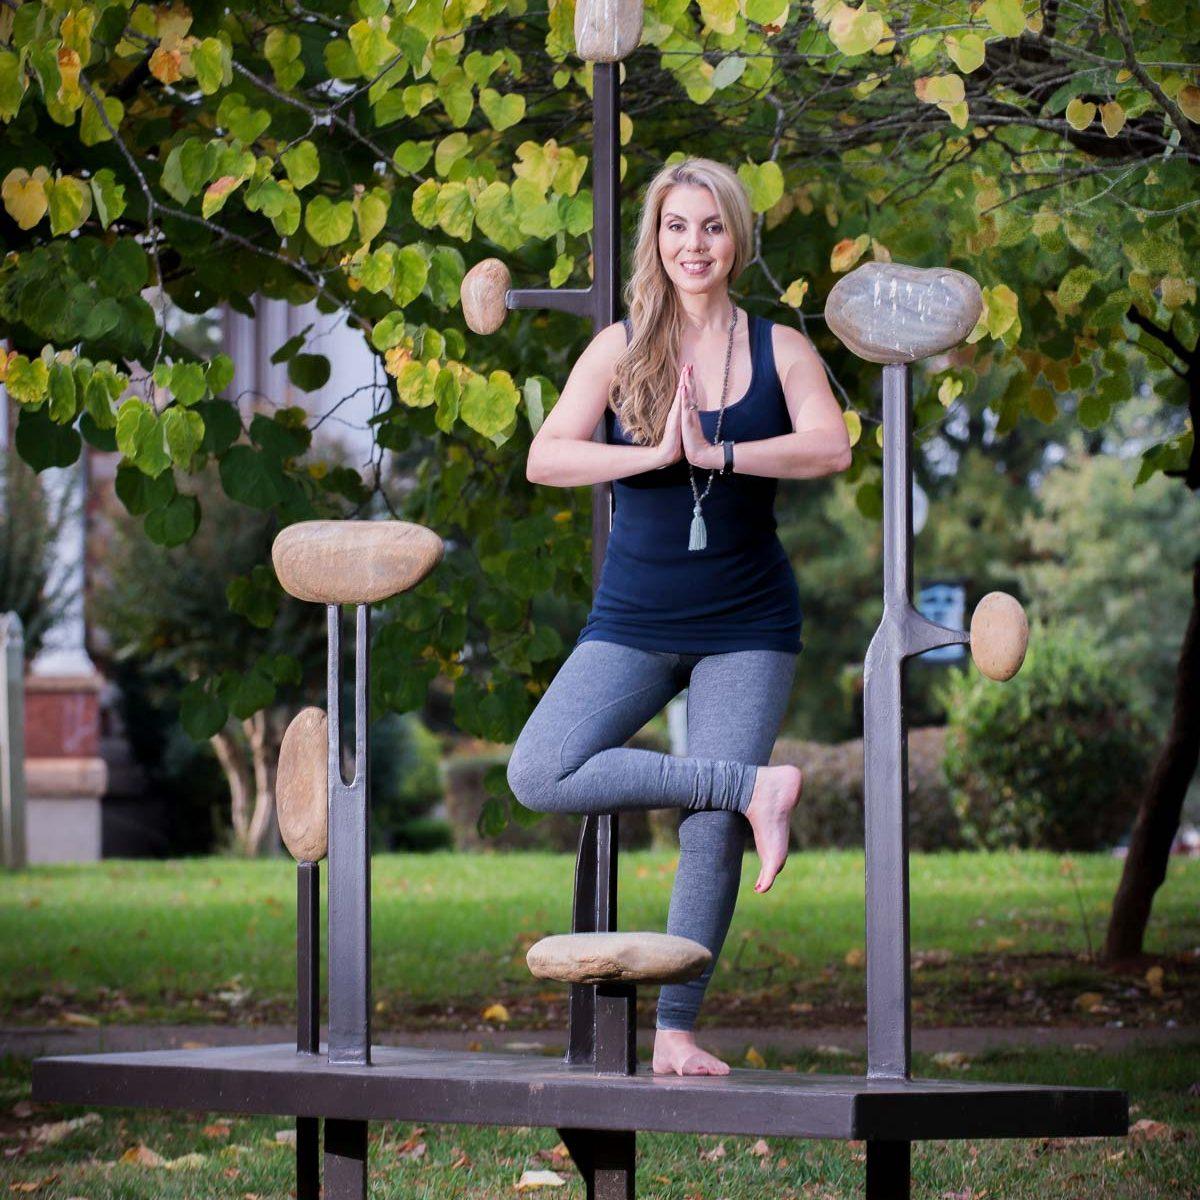 Heart of Yoga - Salisbury19